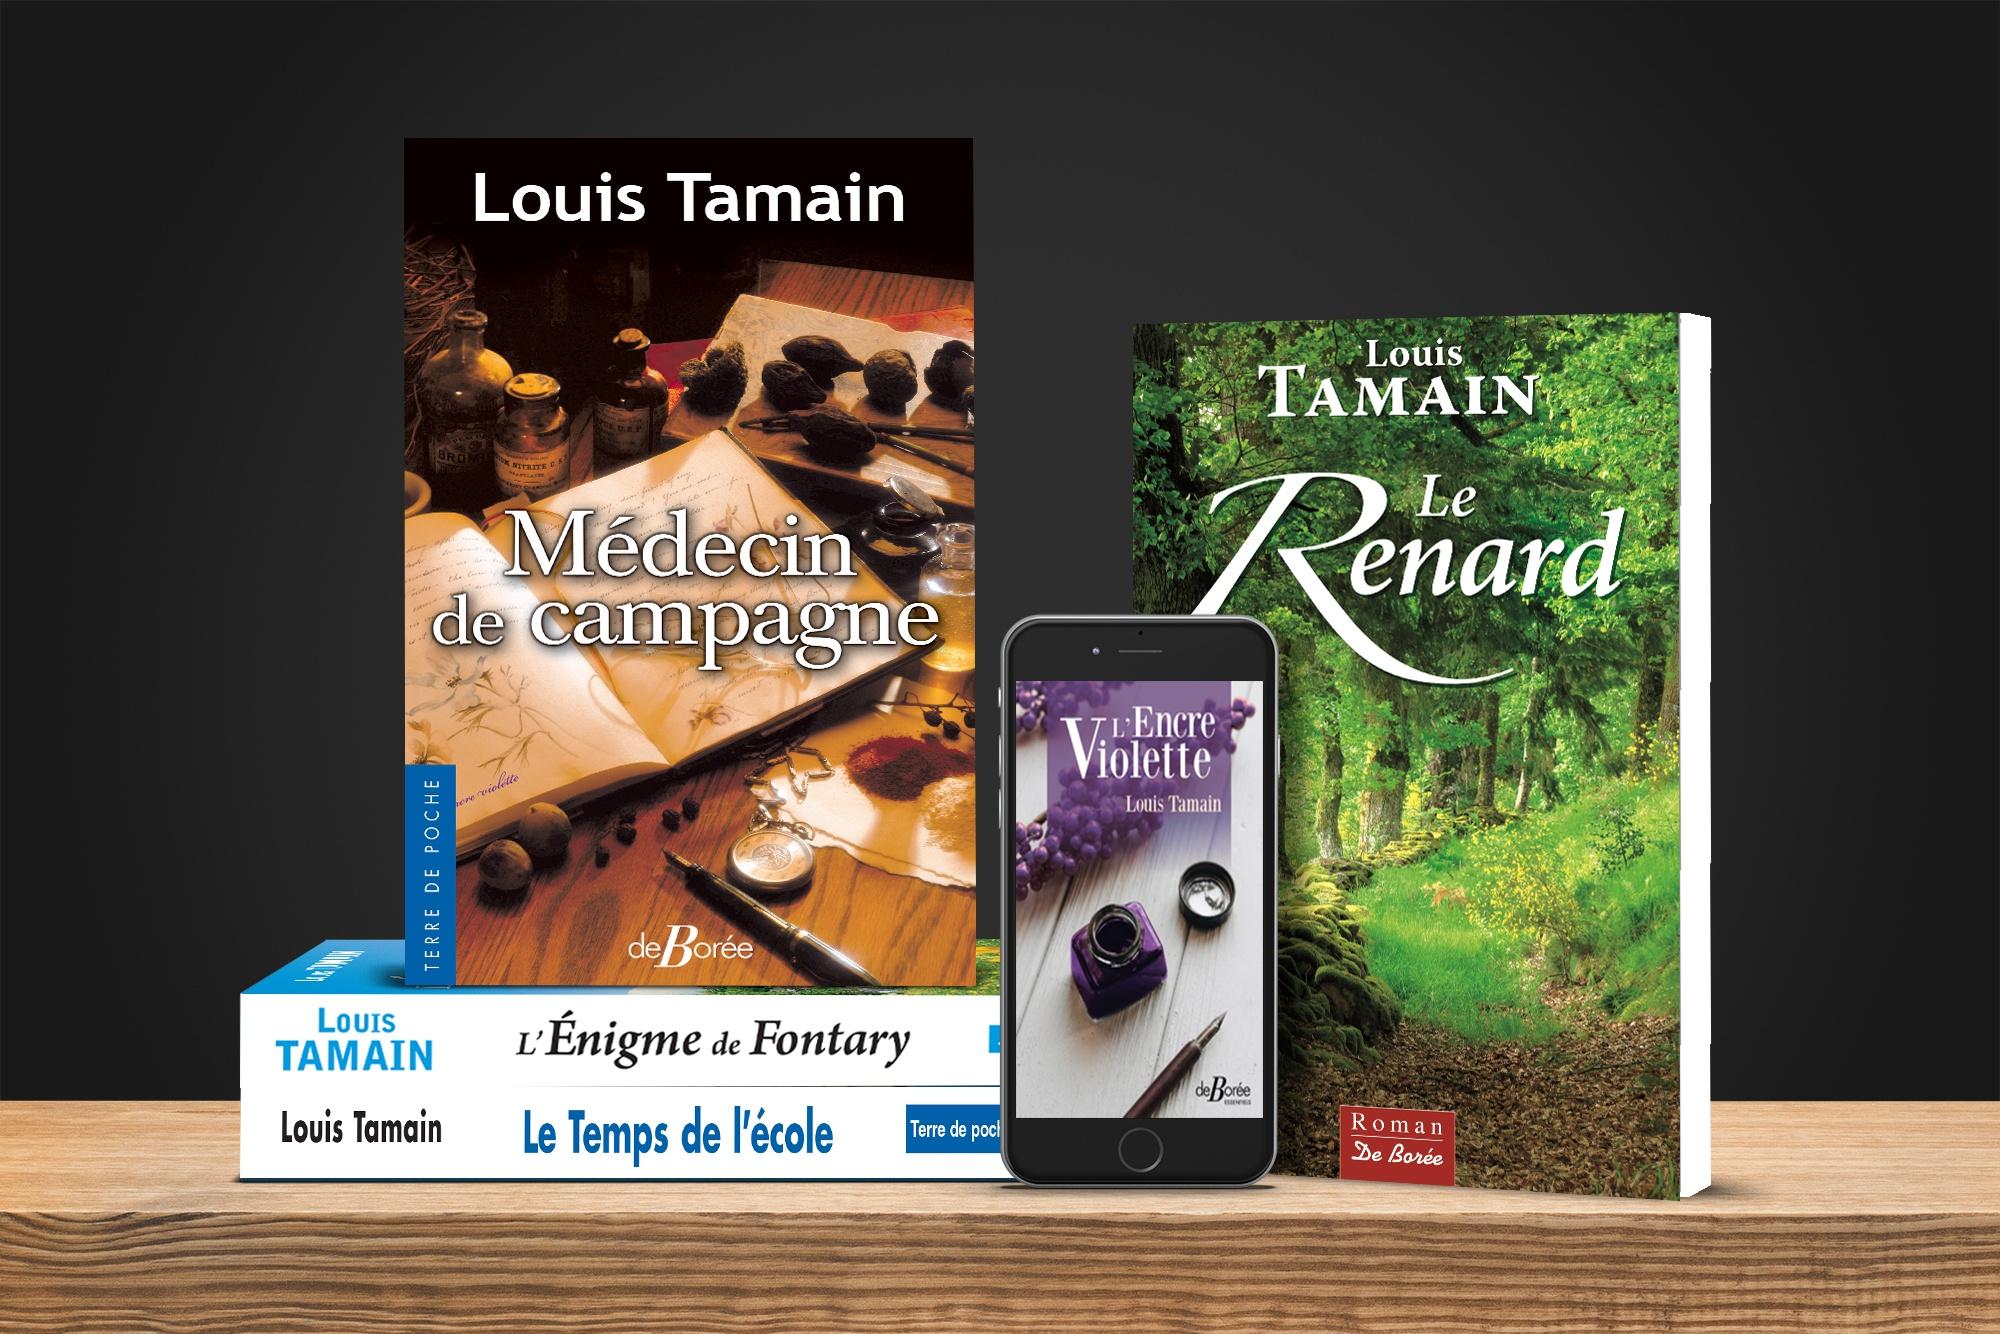 Louis Tamain